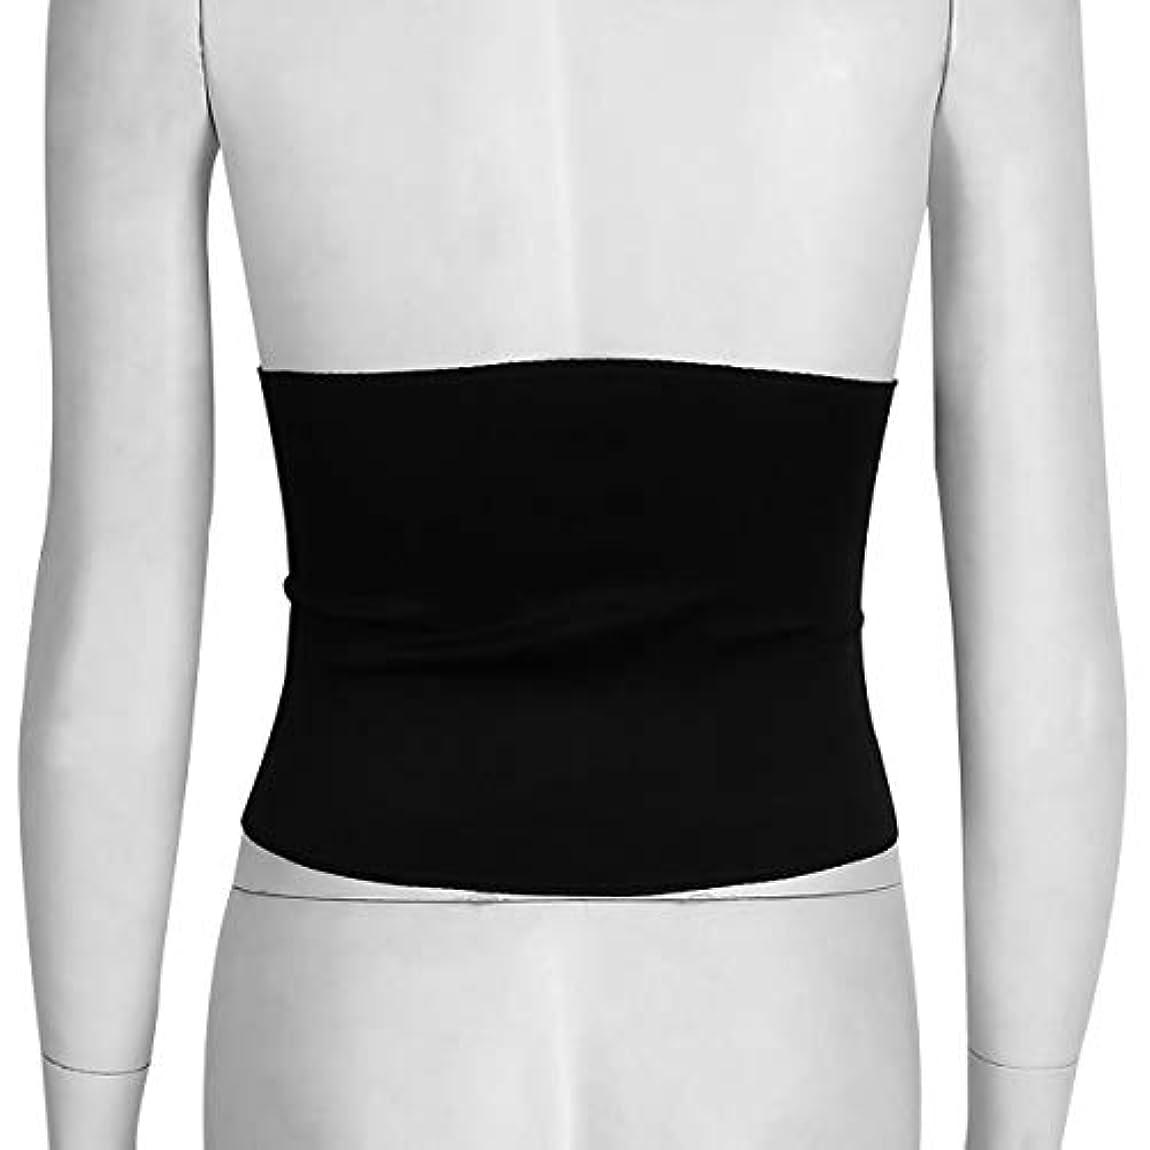 令状が欲しい象Women Adult Solid Neoprene Healthy Slimming Weight Loss Waist Belts Body Shaper Slimming Trainer Trimmer Corsets